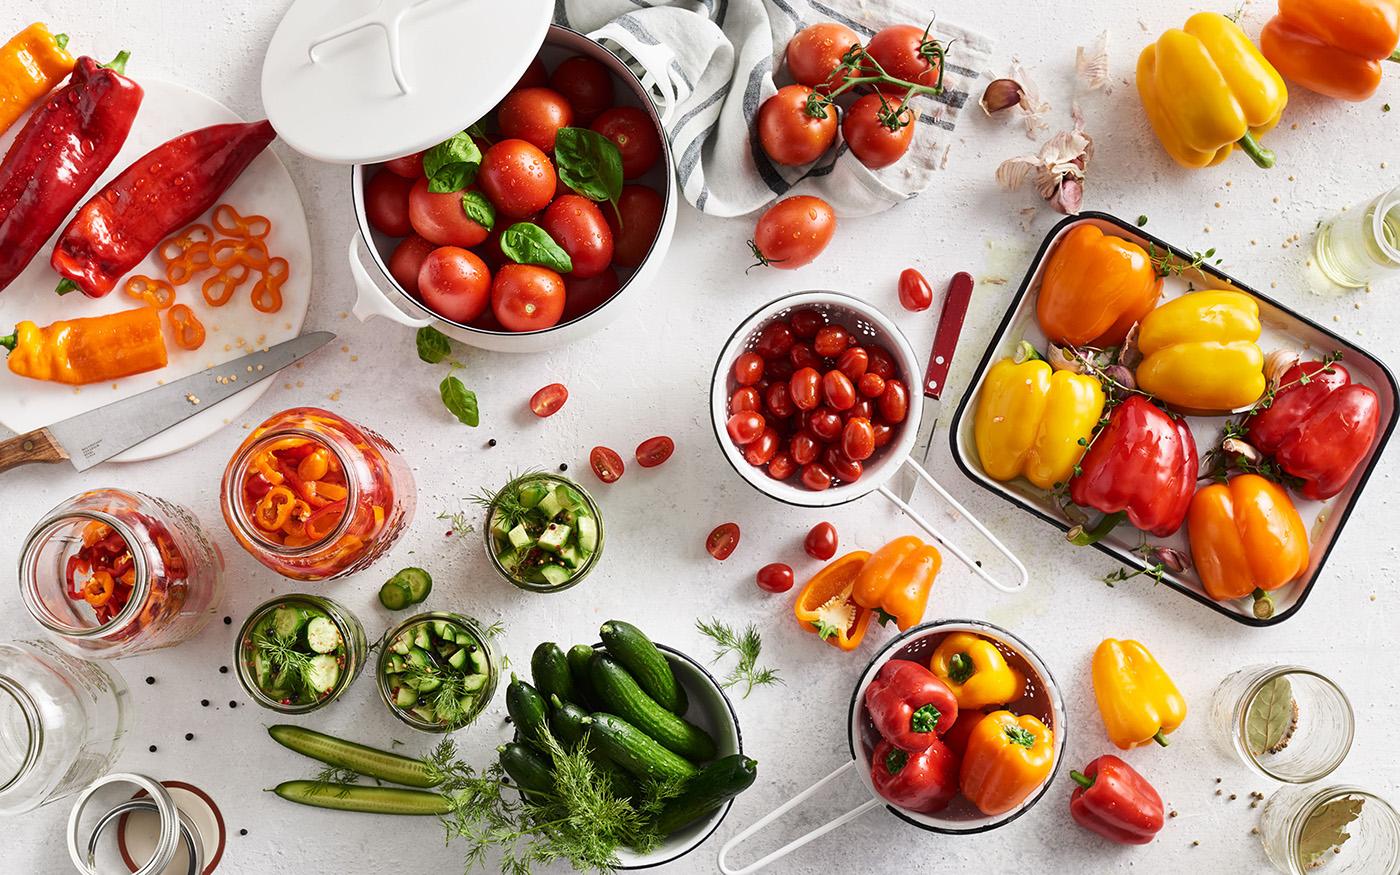 Свежие продукты / фотограф Christian Lalonde